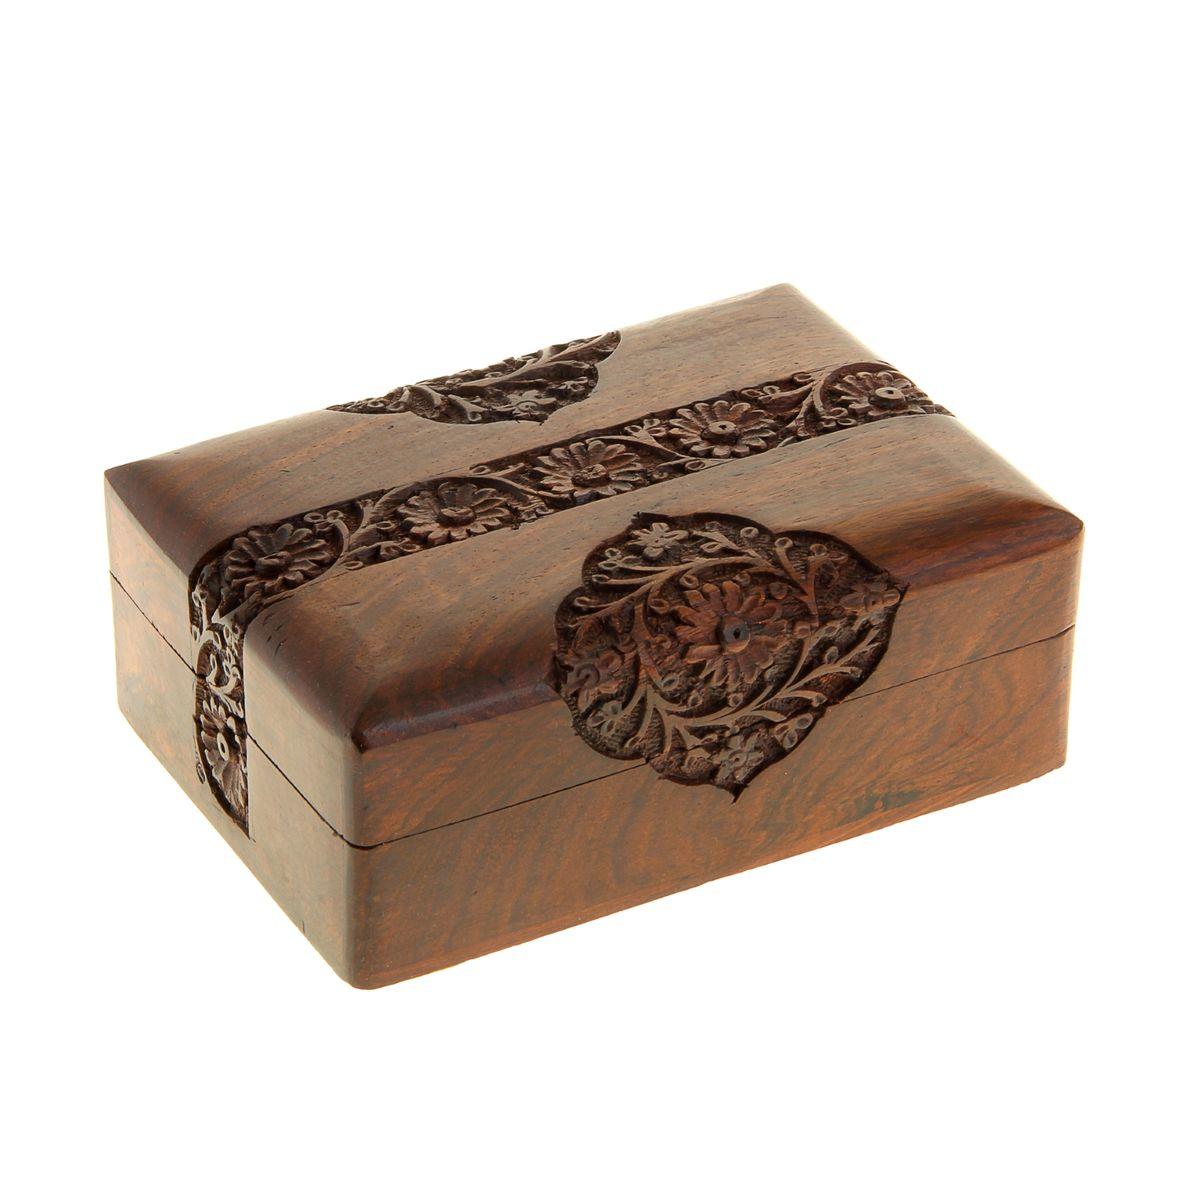 Шкатулка Sima-land Хризантемы, цвет: коричневый, 17,5 х 12,5 х 6 смFS-91909Шкатулка Sima-land Хризантемы изготовлена из дерева - натурального материала, словно пропитанного теплом яркого солнца. Затейливый узор, украшающий ее, вырезан вручную, что, без сомнения, придает шкатулке особую ценность. Внутри одно отделение.Такая шкатулка - не простой сувенир. Ее функция не только декоративная, но и сугубо практическая - служить удобным и надежным местом для хранения самых разных мелочей. Разумеется, особо неравнодушны к этим элегантным предметам интерьера женщины. Мастерицы кладут в шкатулки швейные и рукодельные принадлежности. Модницы и светские львицы - любимые украшения и аксессуары. И, конечно, многие представительницы прекрасного пола хранят в шкатулках, убранных в укромный уголок, какие-то памятные знаки: фотографии, старые письма, сувениры, напоминающие о важных событиях и особо счастливых моментах, сухие лепестки роз и другие небольшие сокровища.